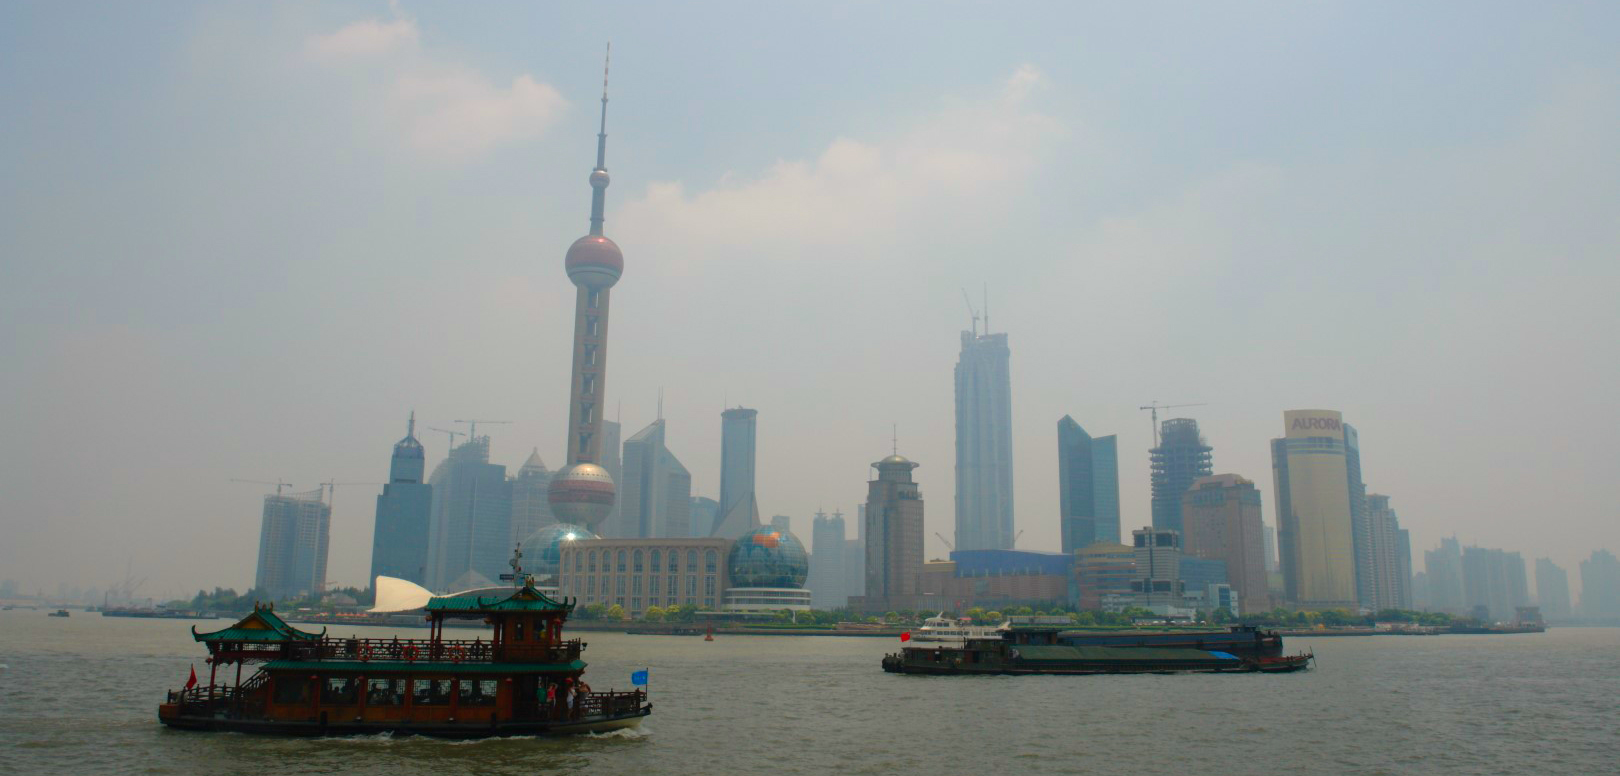 qué ver en Shanghai, China qué ver en shanghai - 32435928281 da4f7ee003 o - Qué ver en Shanghai, China